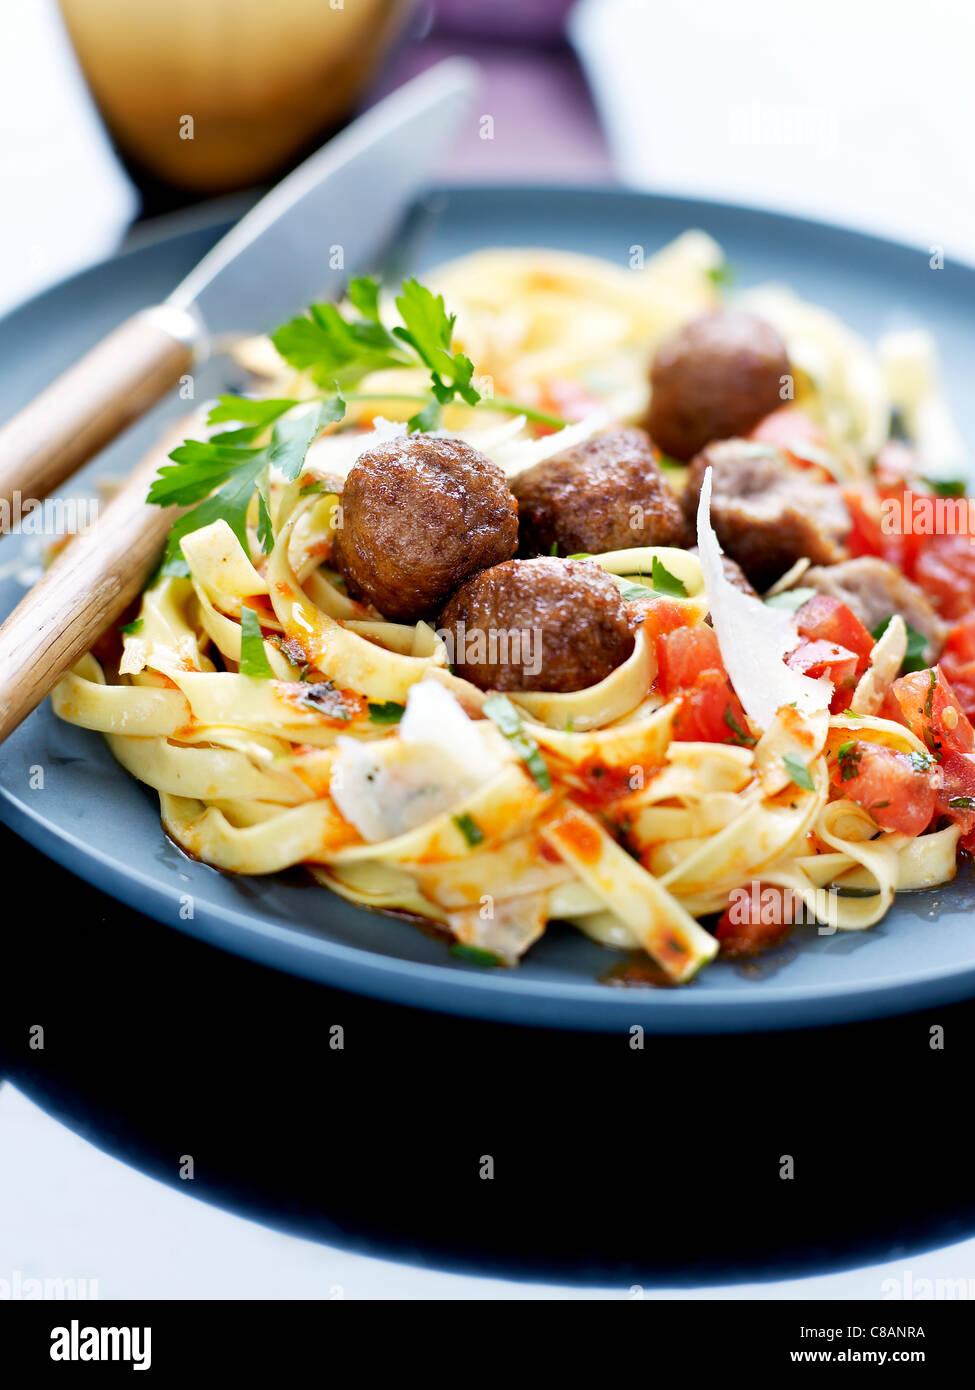 Le polpette di carne di manzo con tagliatelles in salsa di pomodoro Immagini Stock